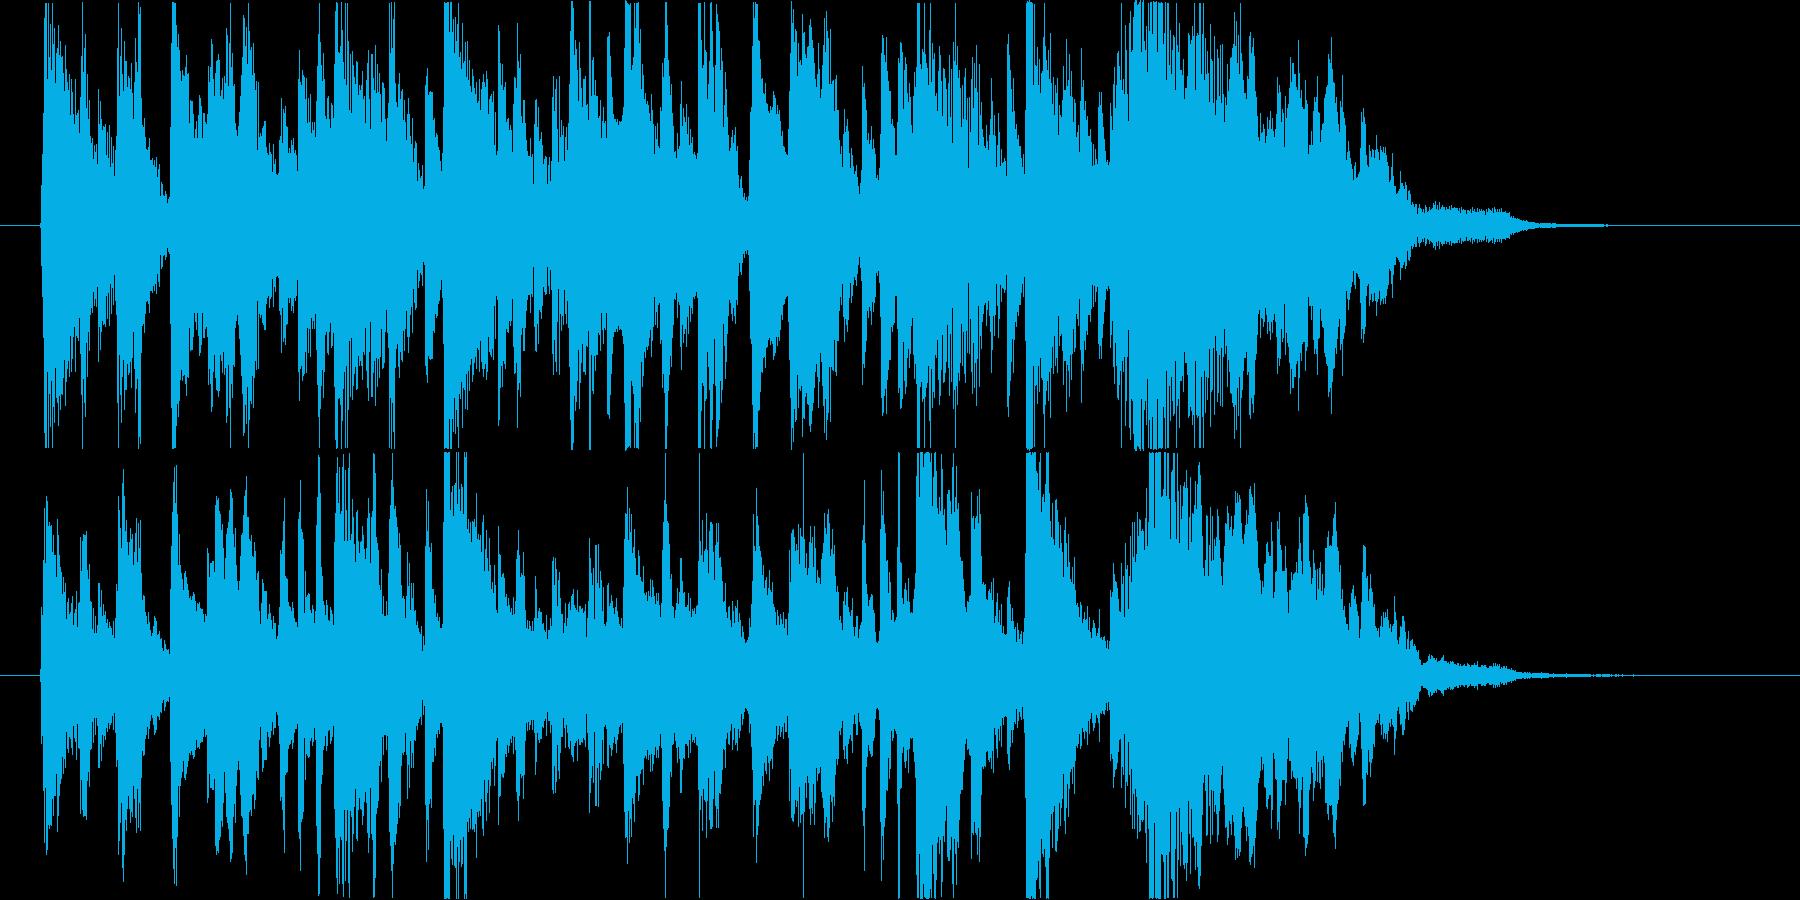 ポップ.キュート.ピアノ.ジングル.ロゴの再生済みの波形